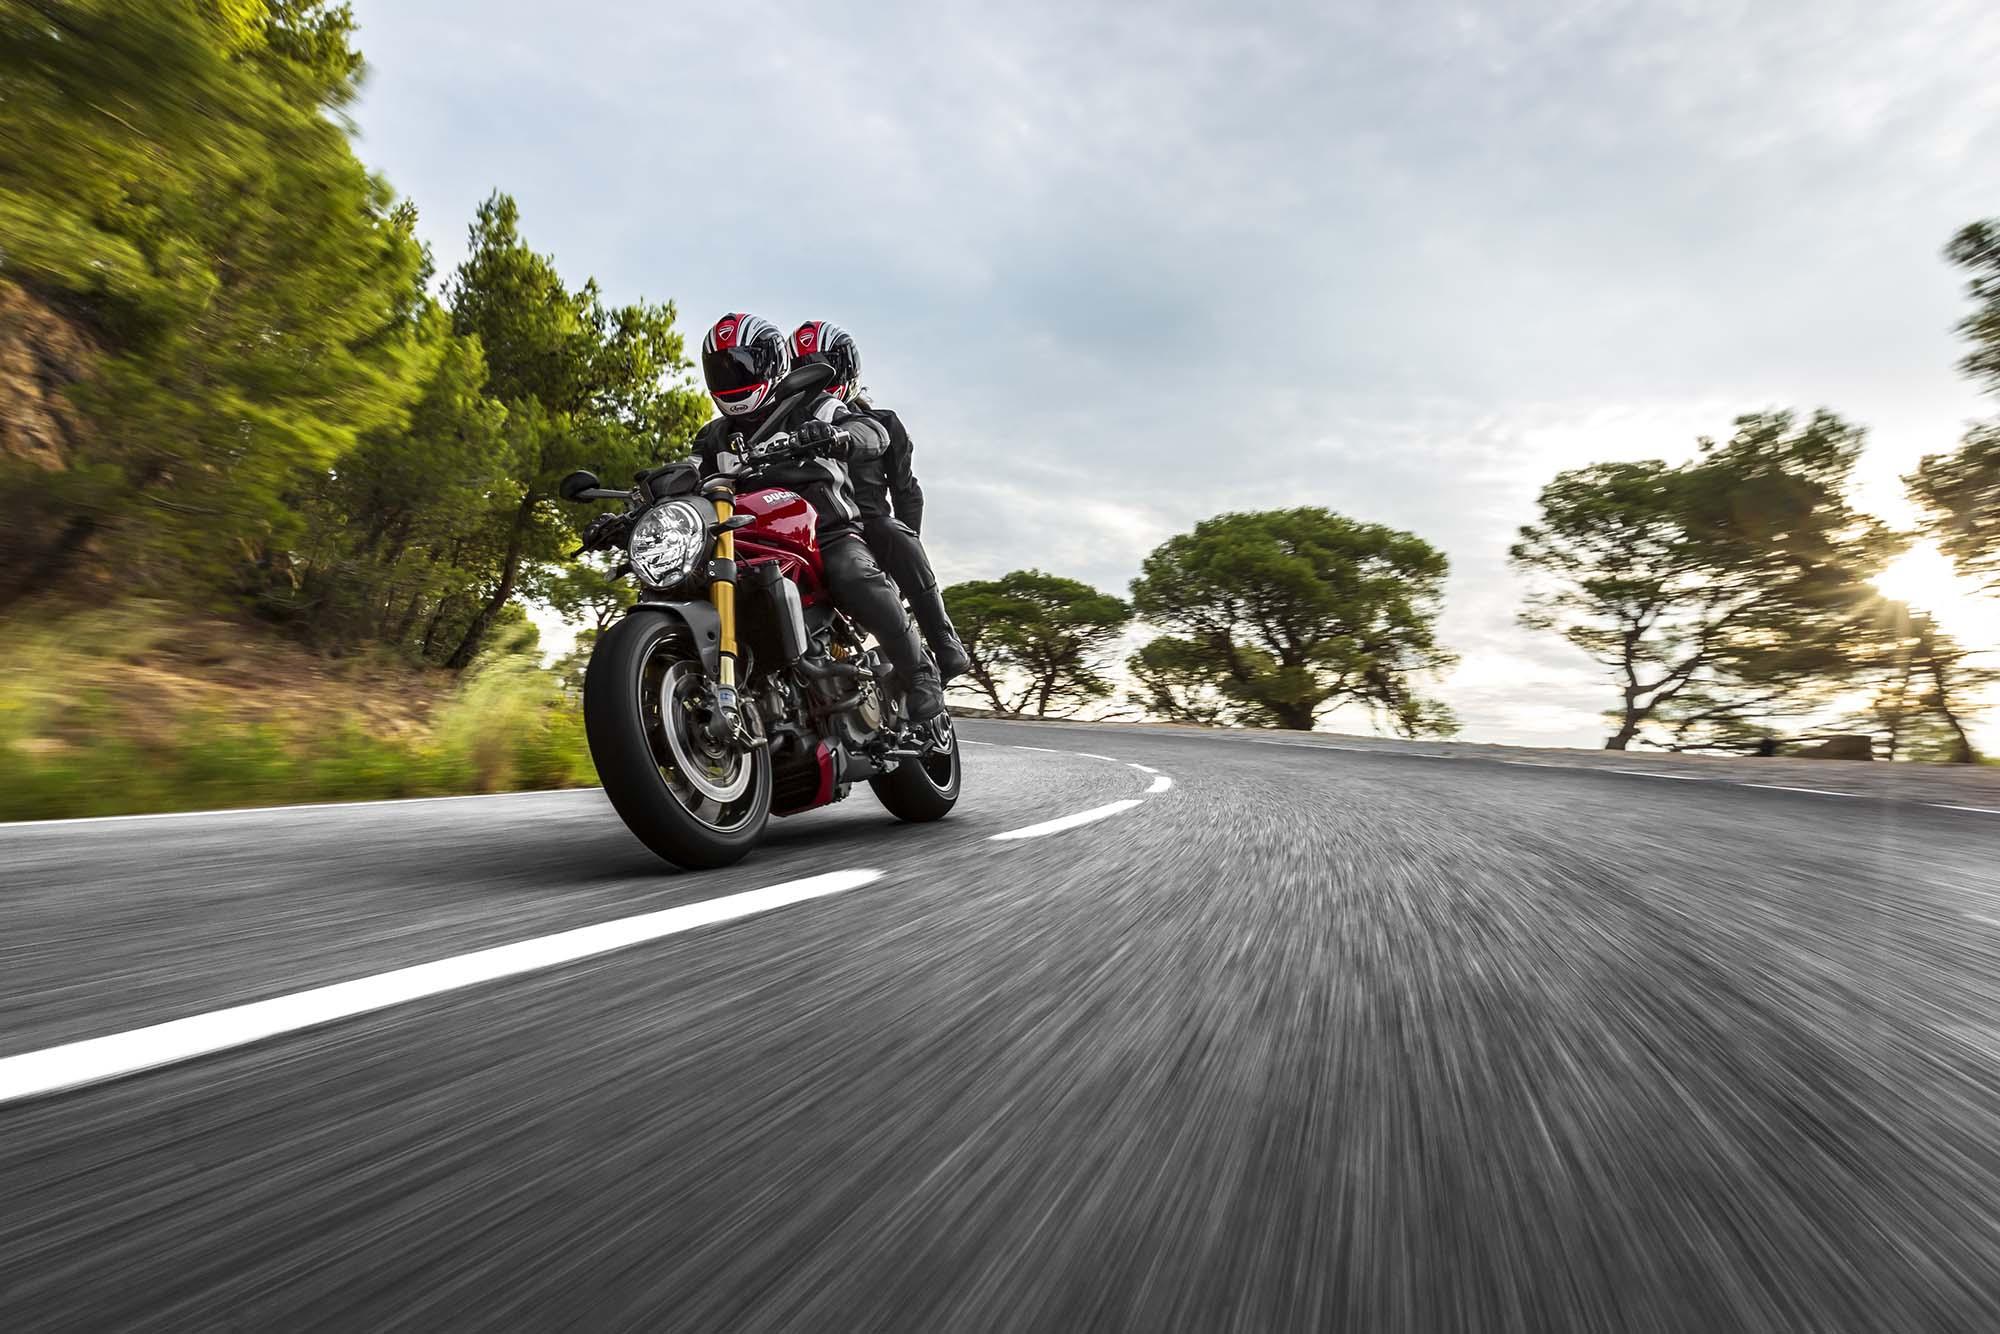 2014 Ducati Monster 1200 S Moar Monster Asphalt Amp Rubber